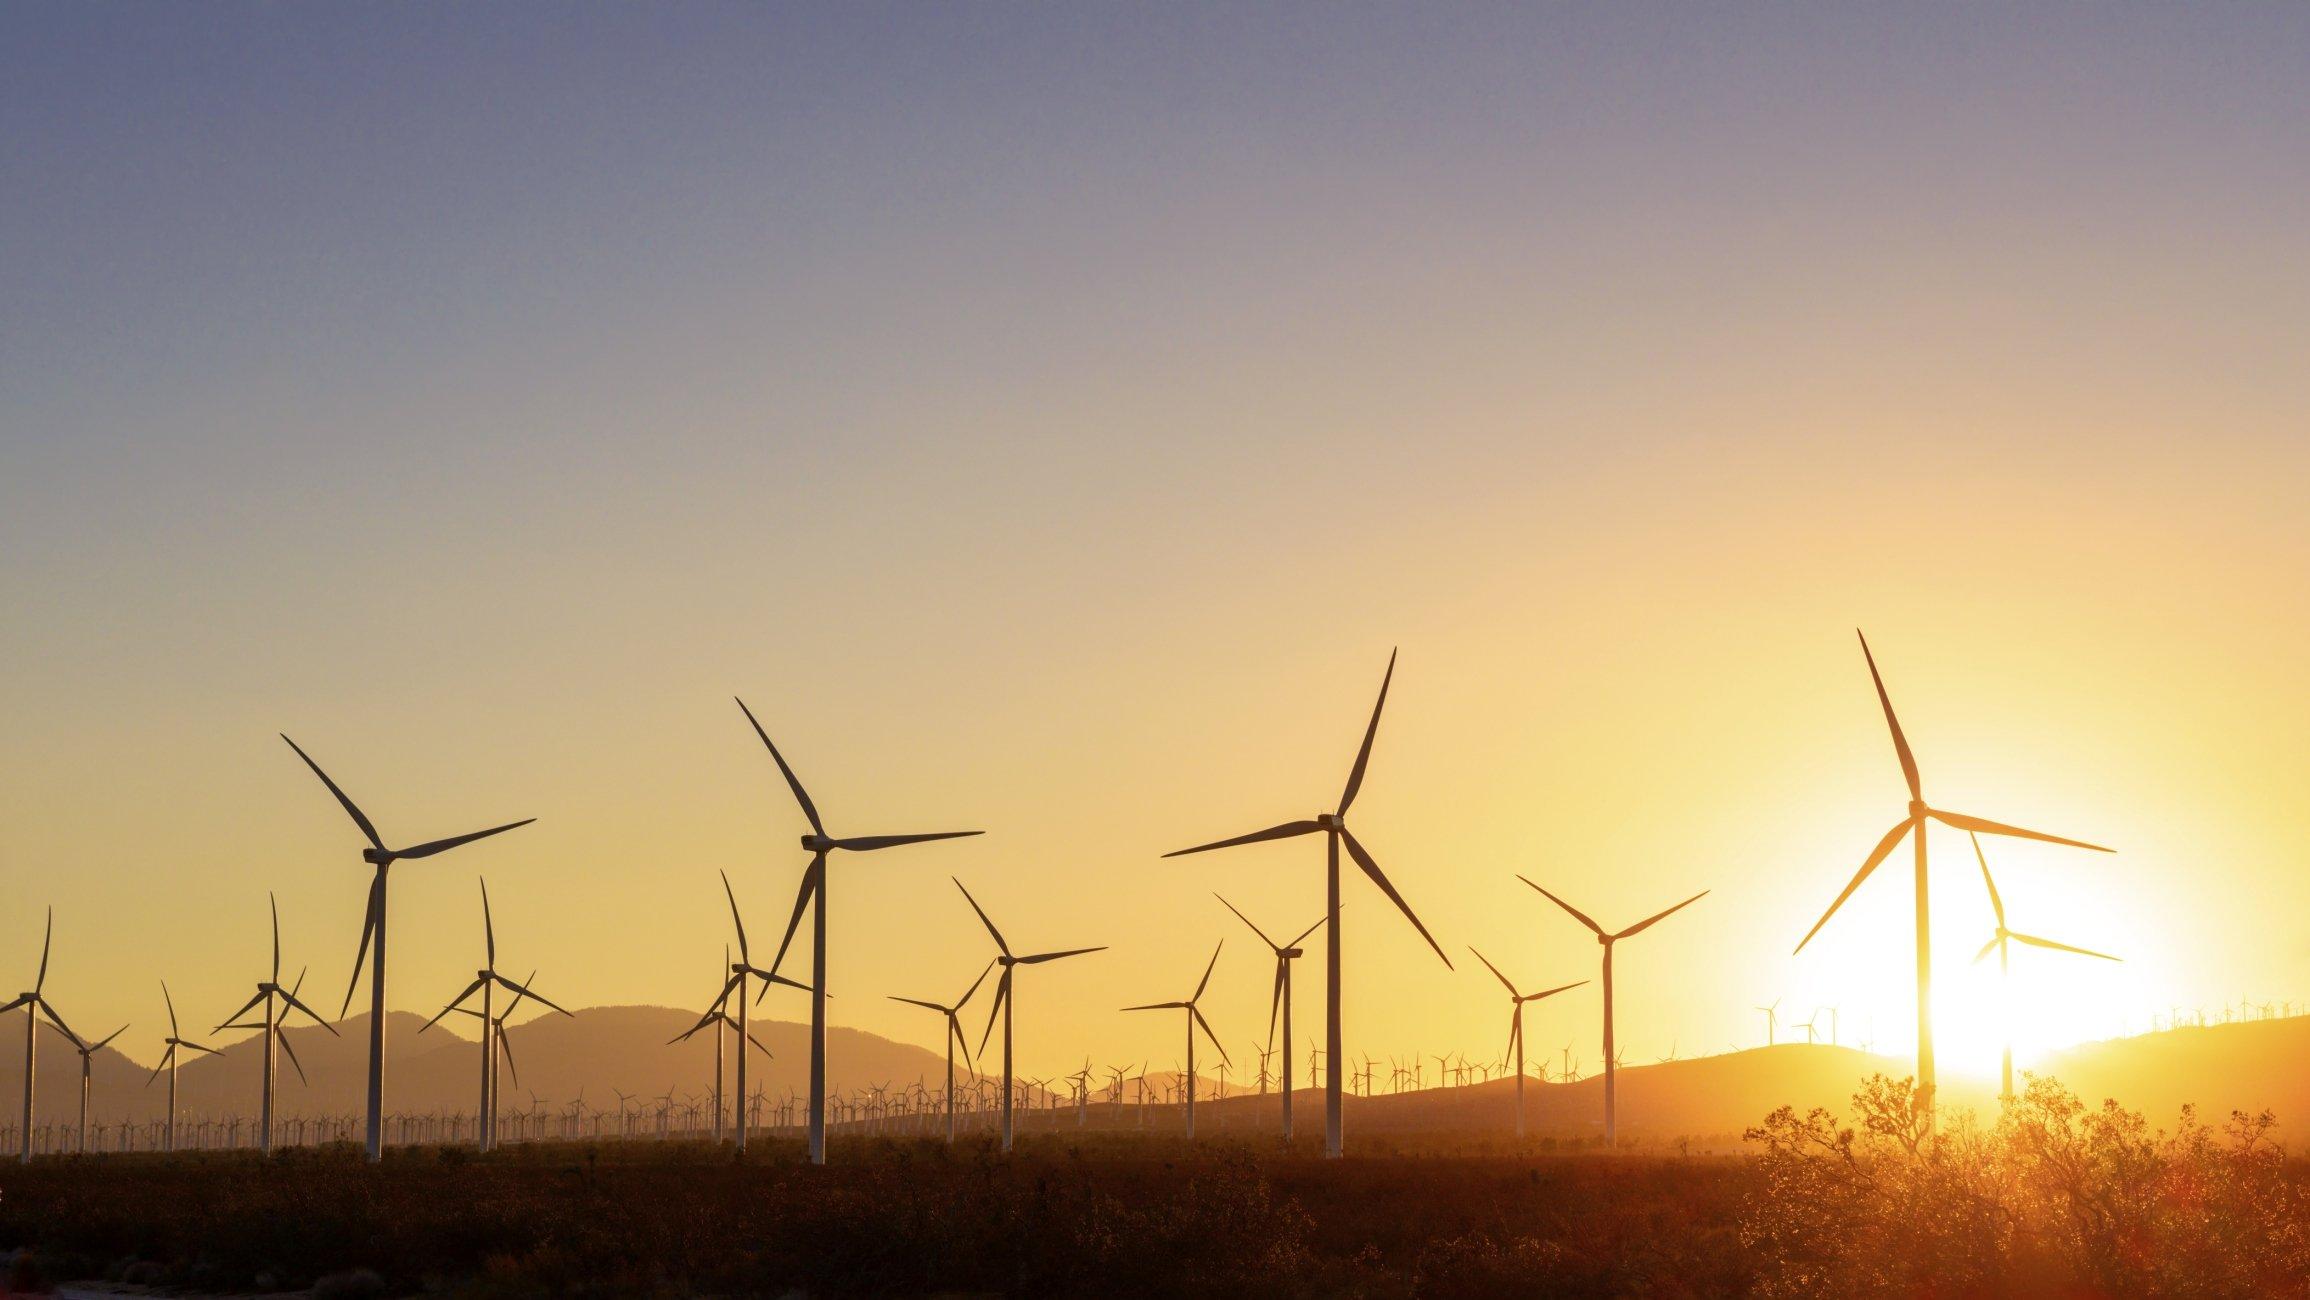 parques eólicos com ventoinhas em funcionamento